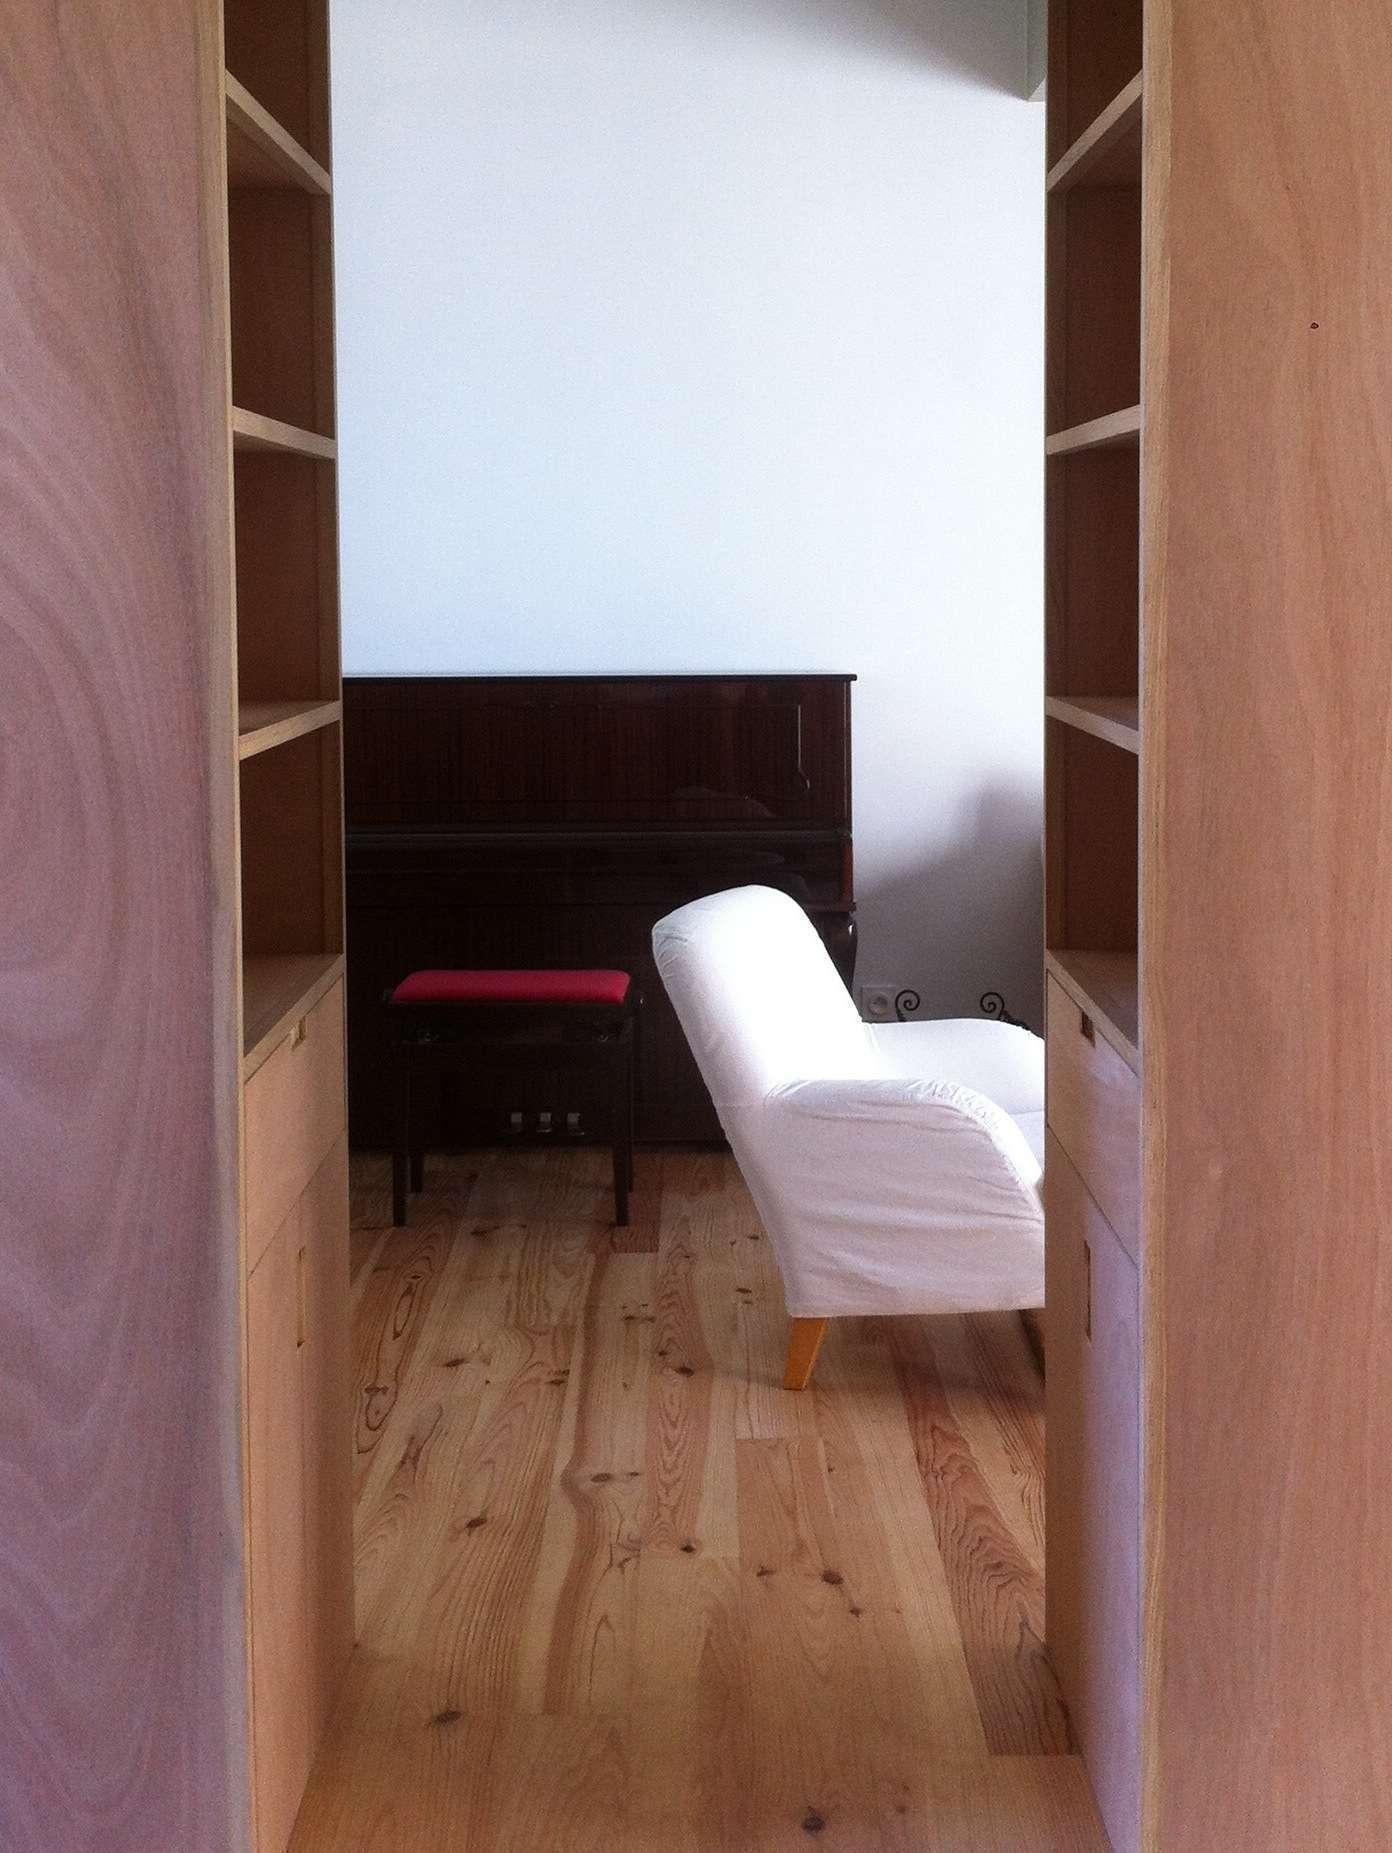 Meuble Sur Mesure Bordeaux fabrication de meuble sur mesure à bordeaux (33000)